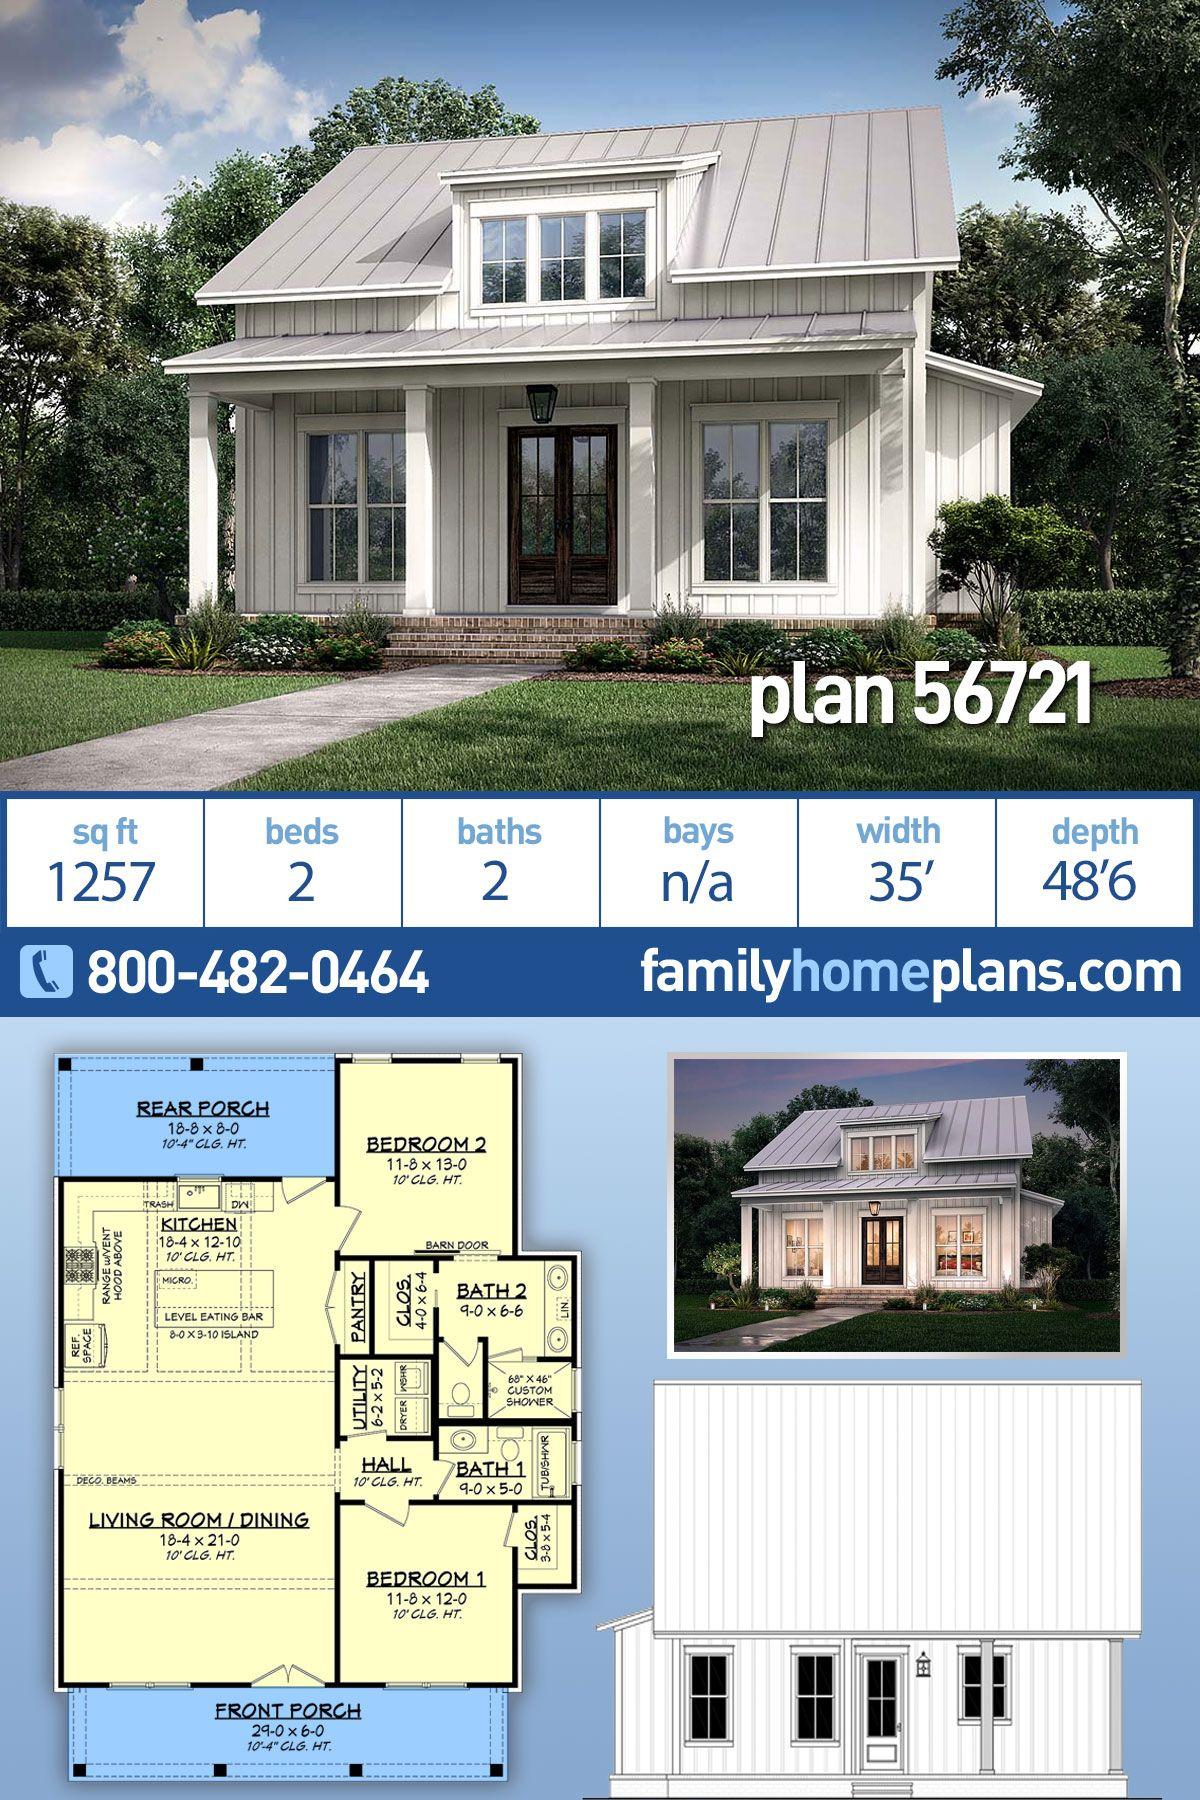 Farmhouse Style House Plan 56721 With 2 Bed 2 Bath Farmhouse Style House Plans Farmhouse Style House House Plans Farmhouse